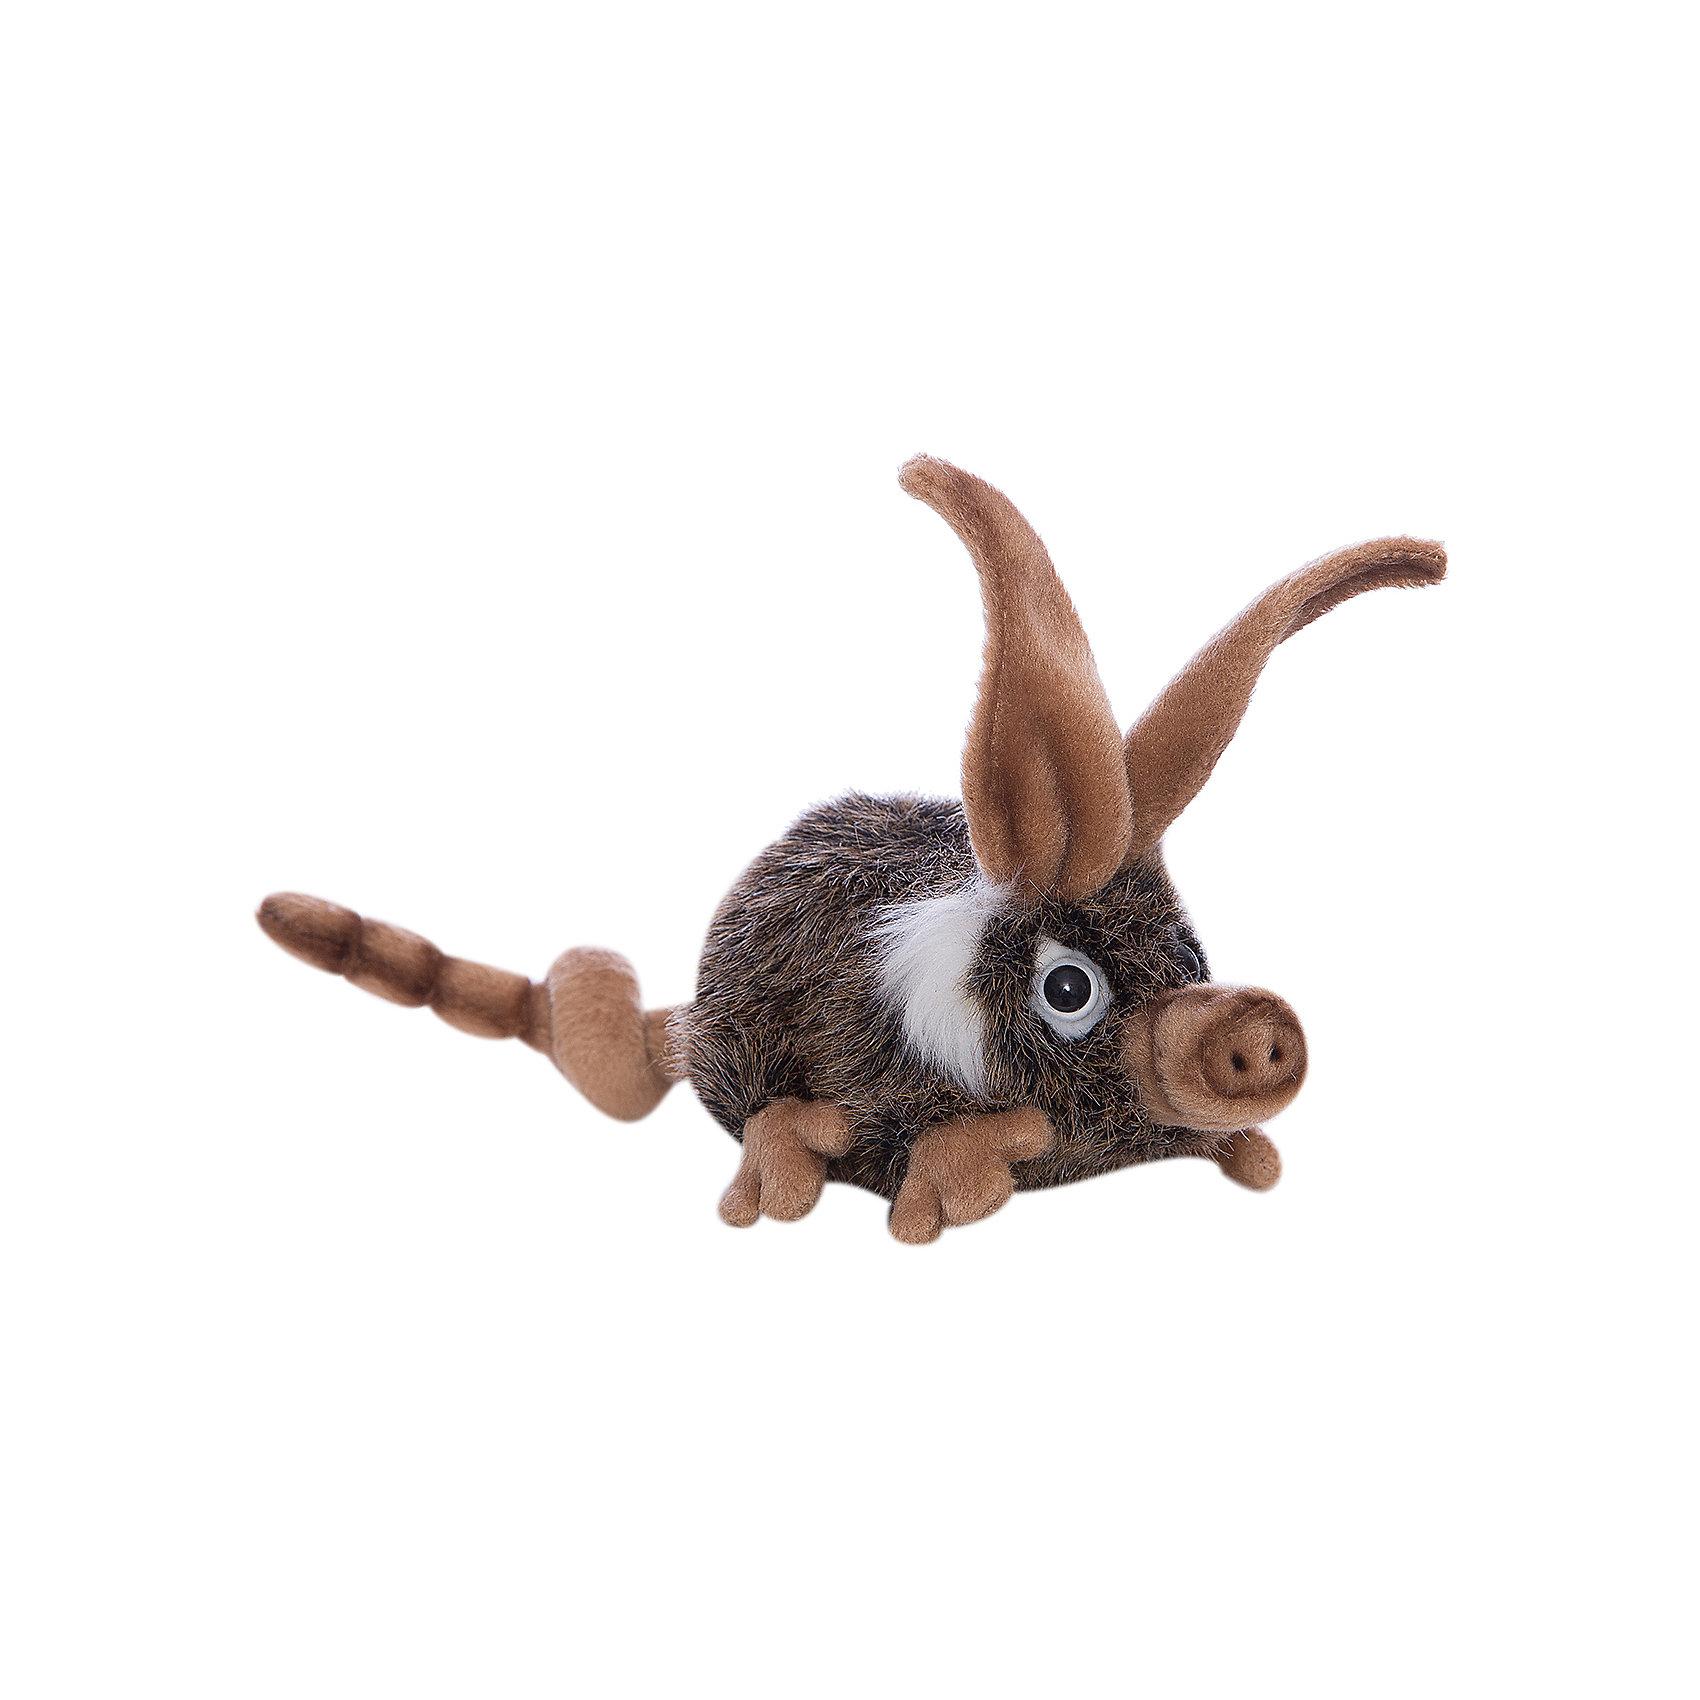 Лесная свинья, 15 смМягкие игрушки животные<br>Лесная свинья, 15 см – игрушка от знаменитого бренда Hansa, специализирующегося на выпуске мягких игрушек с высокой степенью натуралистичности. Внешний вид игрушки полностью соответствует своему реальному прототипу – лесной свинье. Она выполнена из искусственного меха с ворсом средней длины темного оттенка, лапки, ушки, хвостик и пятачок – светло-бежевого цвета. Использованные материалы обладают гипоаллергенными свойствами. Внутри игрушки имеется металлический каркас, позволяющий изменять положение. <br>Игрушка относится к серии Дикие животные. <br>Мягкие игрушки от Hansa подходят для сюжетно-ролевых игр, для обучающих игр, направленных на знакомство с животным миром дикой природы. Кроме того, их можно использовать в качестве интерьерных игрушек. Коллекция из нескольких игрушек позволяет создать свой домашний зоопарк, который будет радовать вашего ребенка долгое время, так как ручная работа и качественные материалы гарантируют их долговечность и прочность.<br><br>Дополнительная информация:<br><br>- Вид игр: сюжетно-ролевые игры, коллекционирование, интерьерные игрушки<br>- Предназначение: для дома, для детских развивающих центров, для детских садов<br>- Материал: искусственный мех, наполнитель ? полиэфирное волокно<br>- Размер (ДхШхВ): 8*14*15 см<br>- Вес: 450 г<br>- Особенности ухода: сухая чистка при помощи пылесоса или щетки для одежды<br><br>Подробнее:<br><br>• Для детей в возрасте: от 3 лет <br>• Страна производитель: Филиппины<br>• Торговый бренд: Hansa<br><br>Лесную свинью, 15 см можно купить в нашем интернет-магазине.<br><br>Ширина мм: 8<br>Глубина мм: 14<br>Высота мм: 15<br>Вес г: 450<br>Возраст от месяцев: 36<br>Возраст до месяцев: 2147483647<br>Пол: Унисекс<br>Возраст: Детский<br>SKU: 4927216